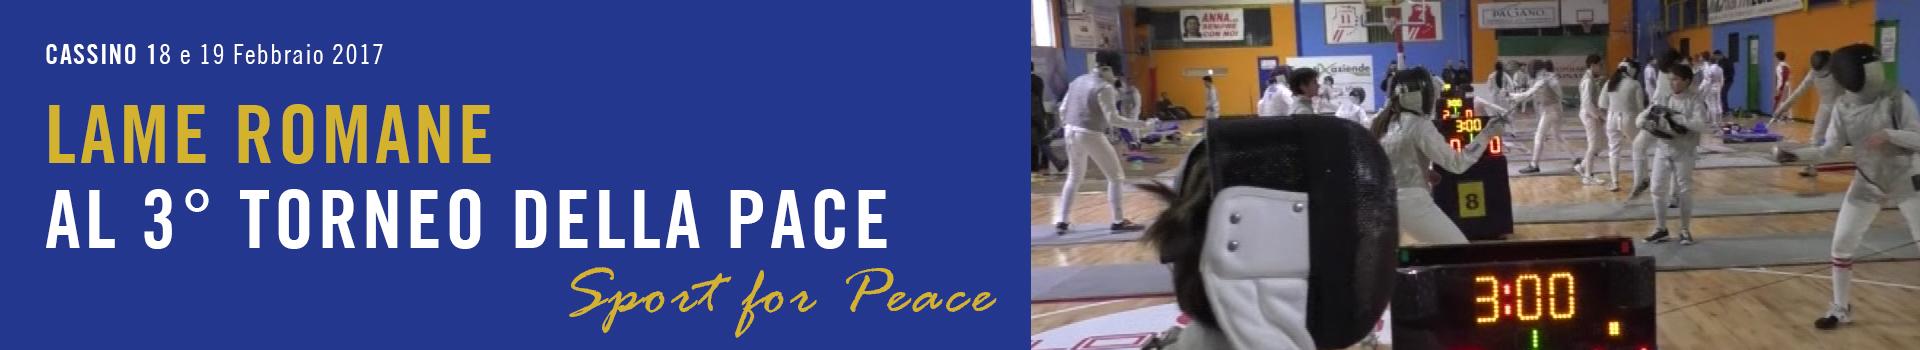 Lame Romane al Torneo della Pace - Sport for Peace - Cassino